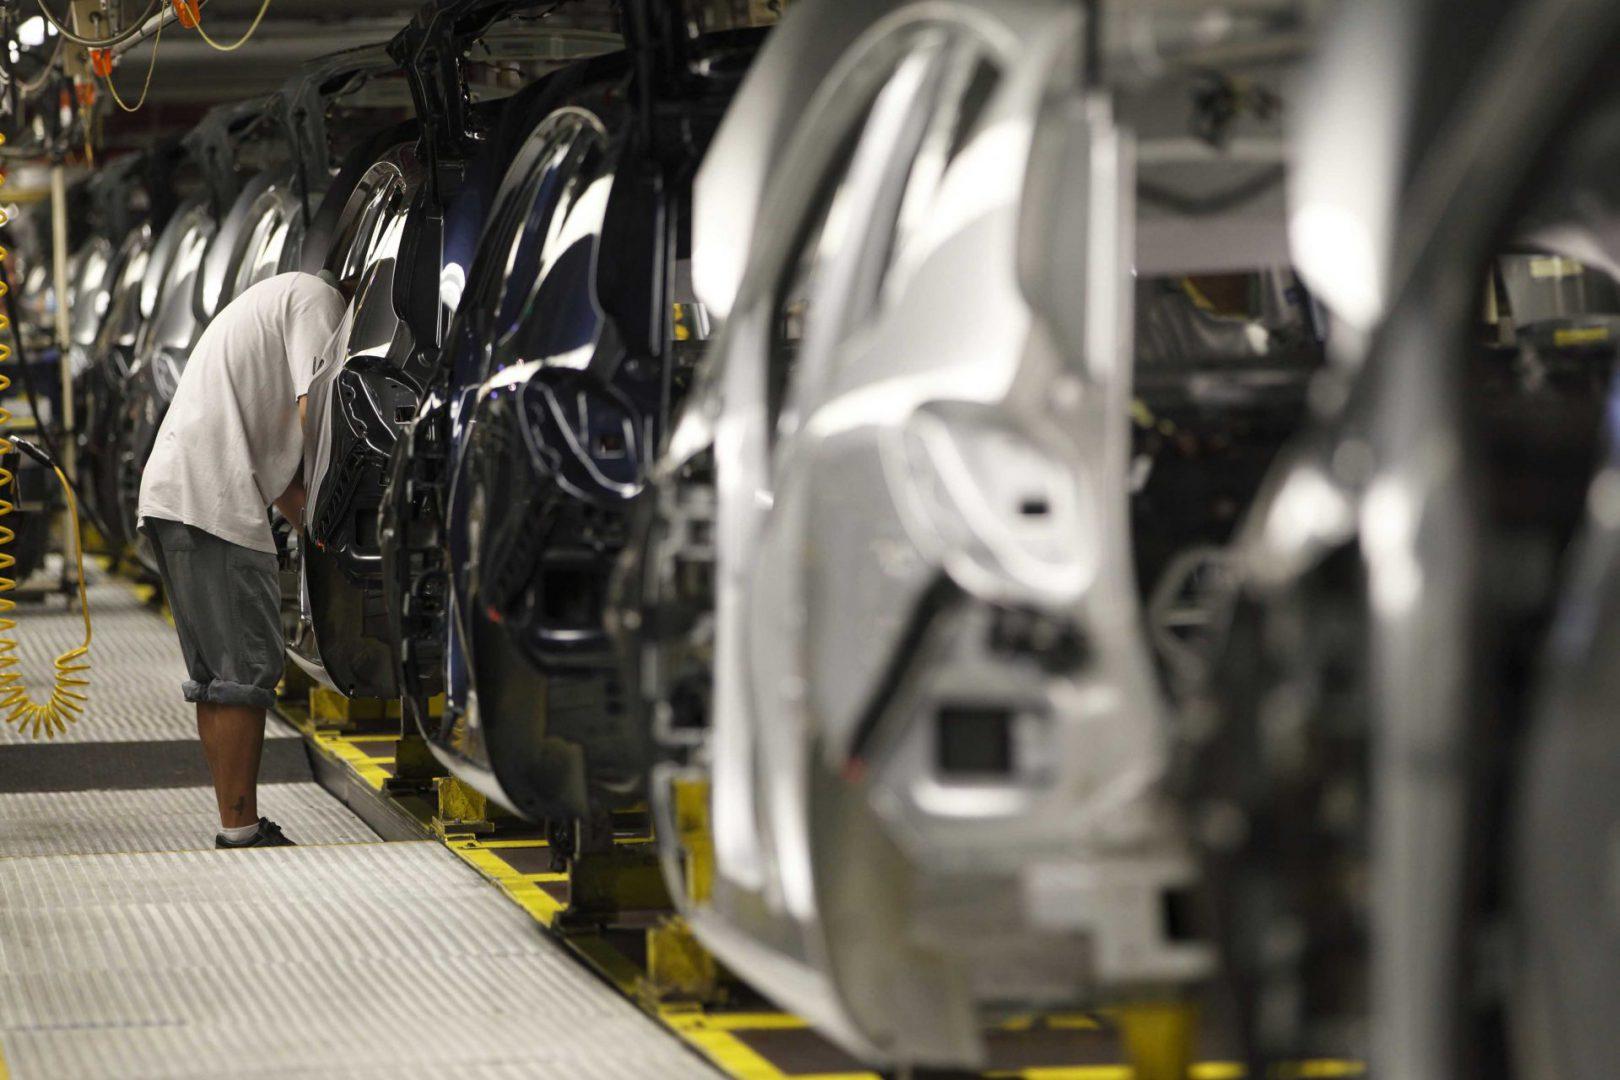 Las exportaciones aragonesas aumentan un 10,6% anual en julio y baten el record histórico mensual con un valor de 1.340 millones de euros